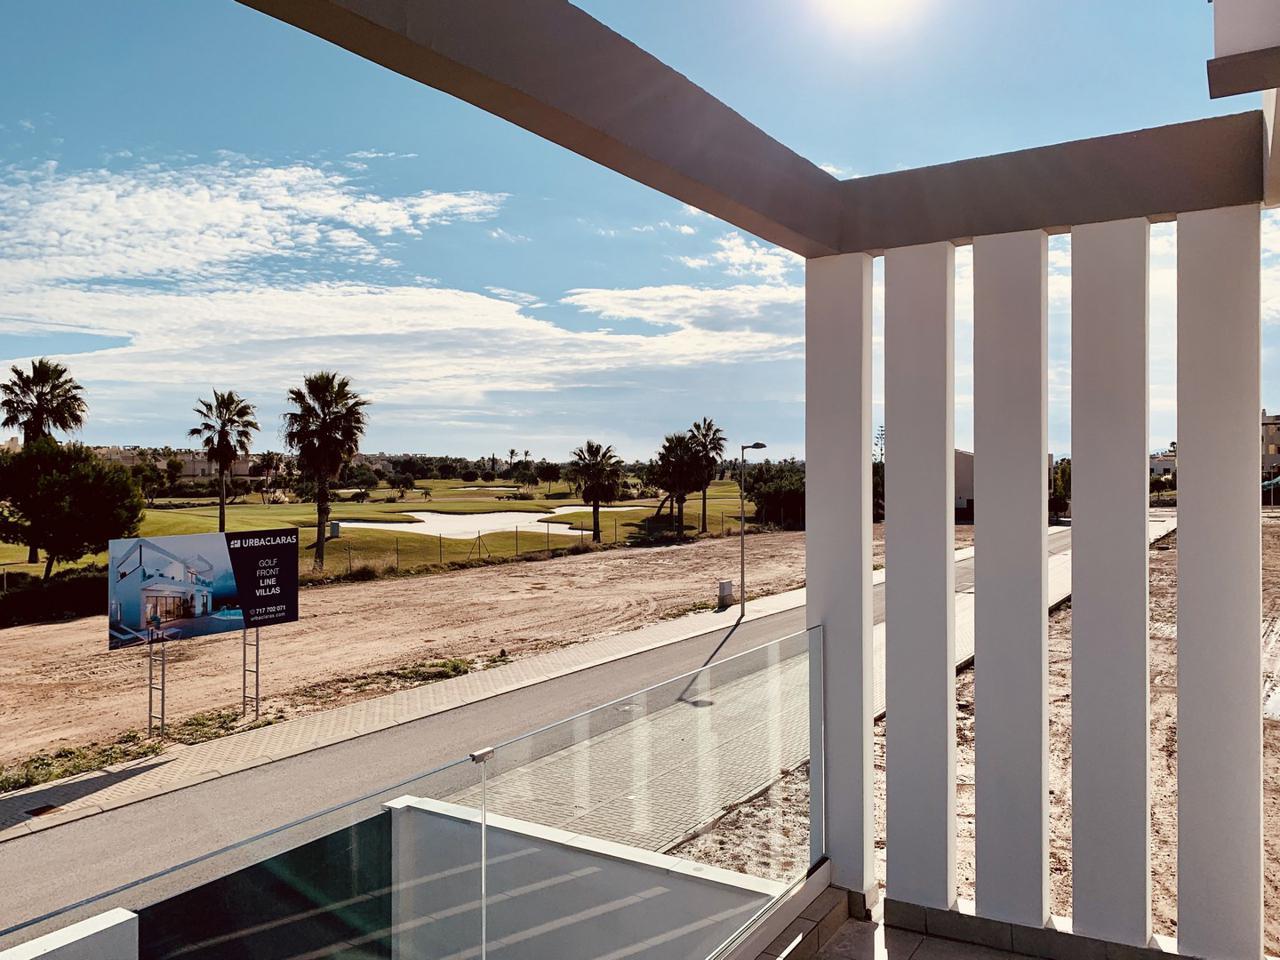 Complejo de lujo de 24 nuevas villas adosadas con piscina privada y plaza de aparcamiento - imagenInmueble4